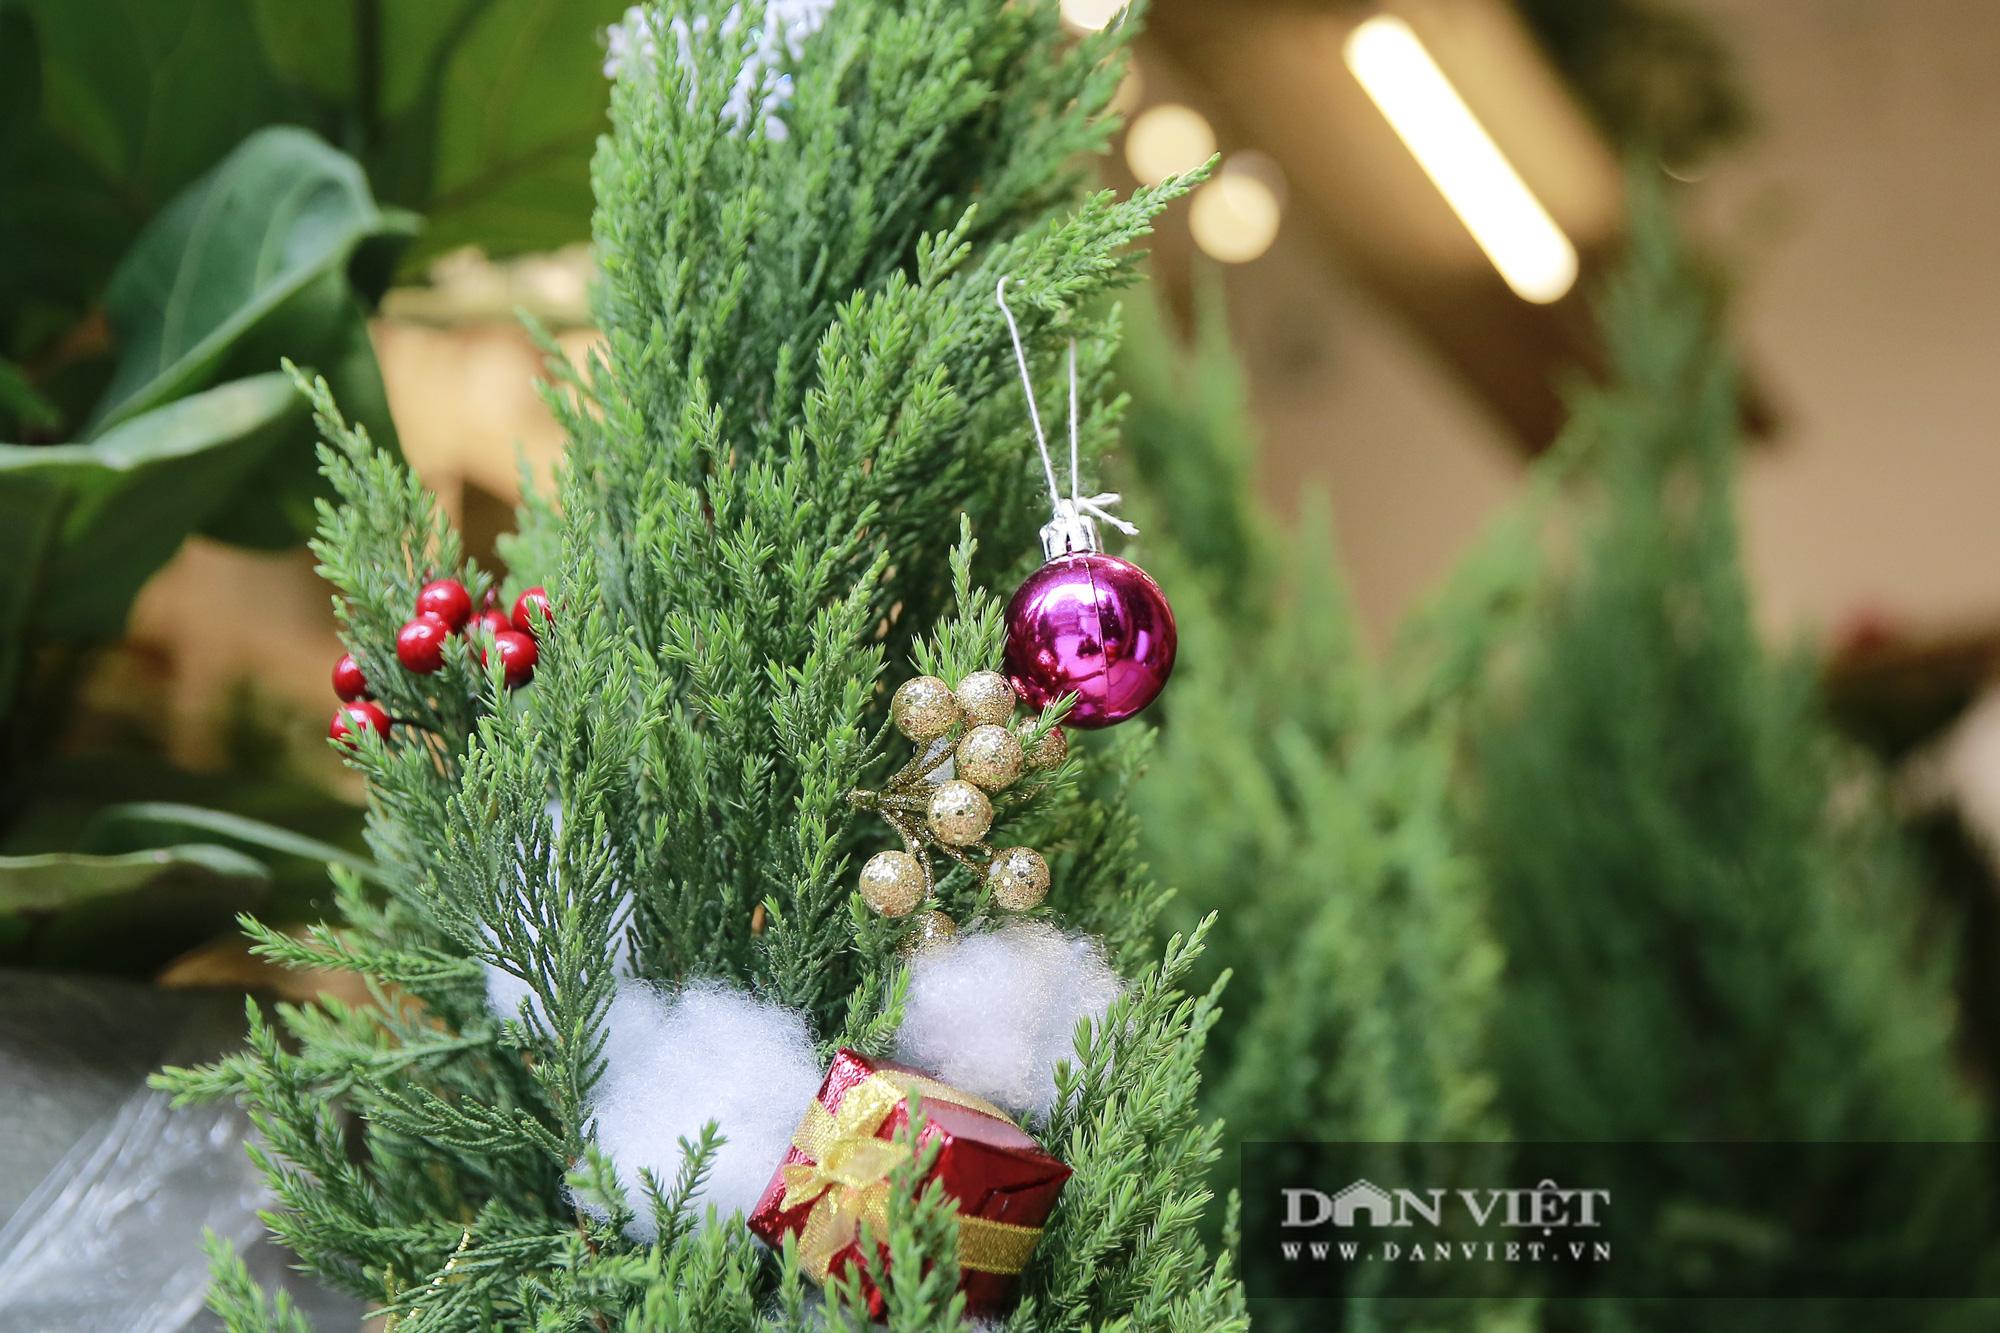 """Giá chỉ từ 100.000 đồng, """"bản sao"""" của cây thông thật đắt khách dịp Giáng sinh 2020 - Ảnh 11."""